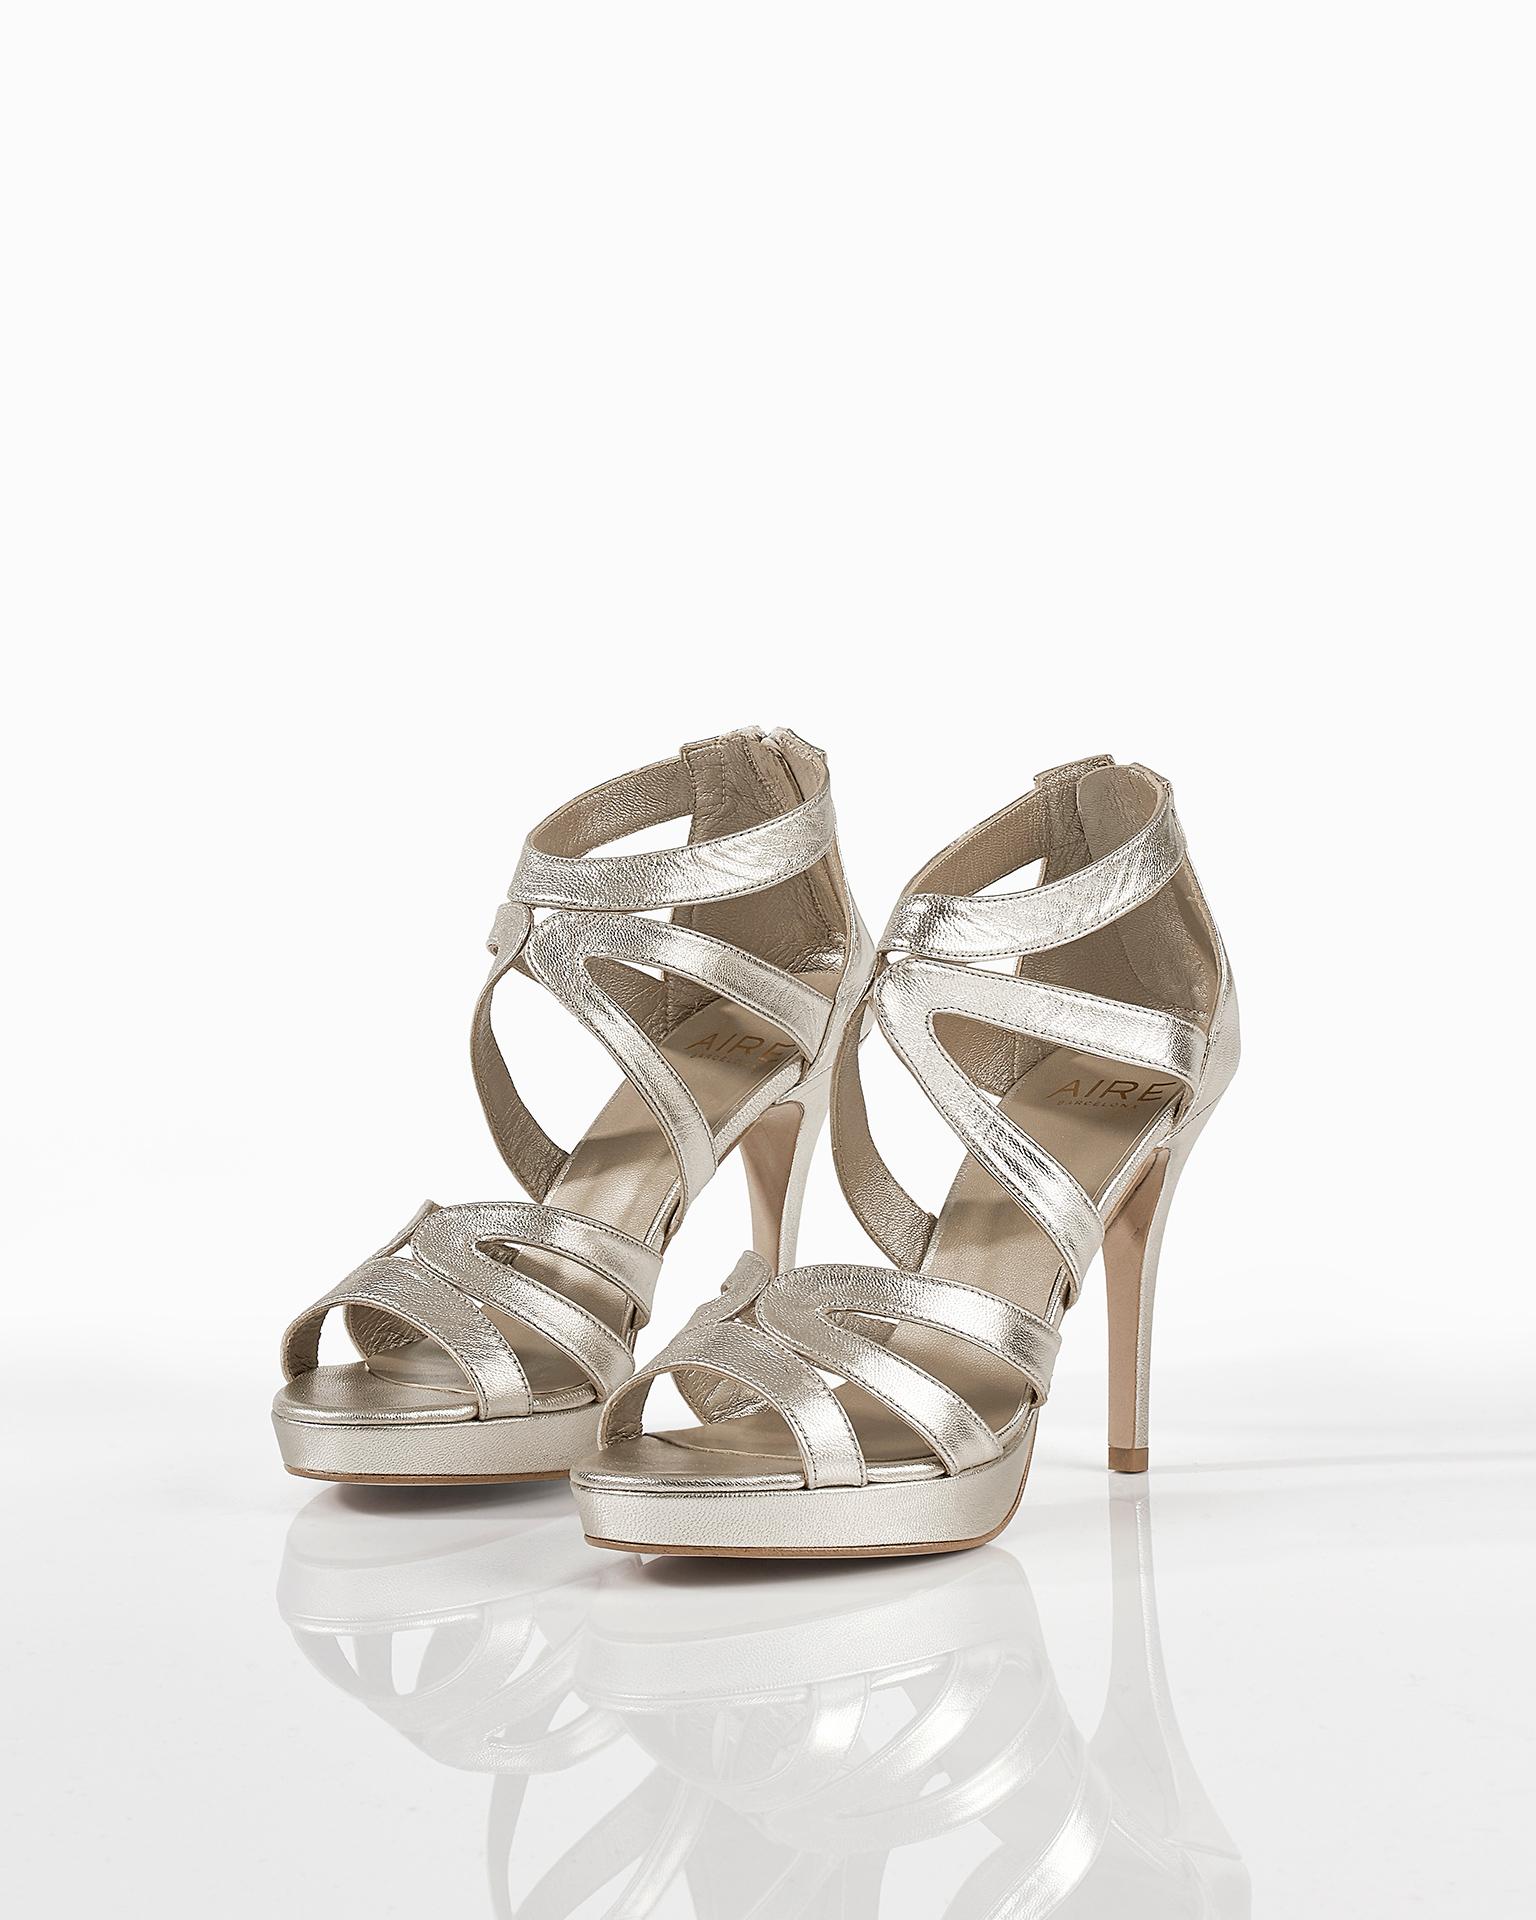 Sandalette aus Leder, Absatz 90 mm. Erhältlich in den Farben Gold und Dune. Kollektion FIESTA AIRE BARCELONA 2018.